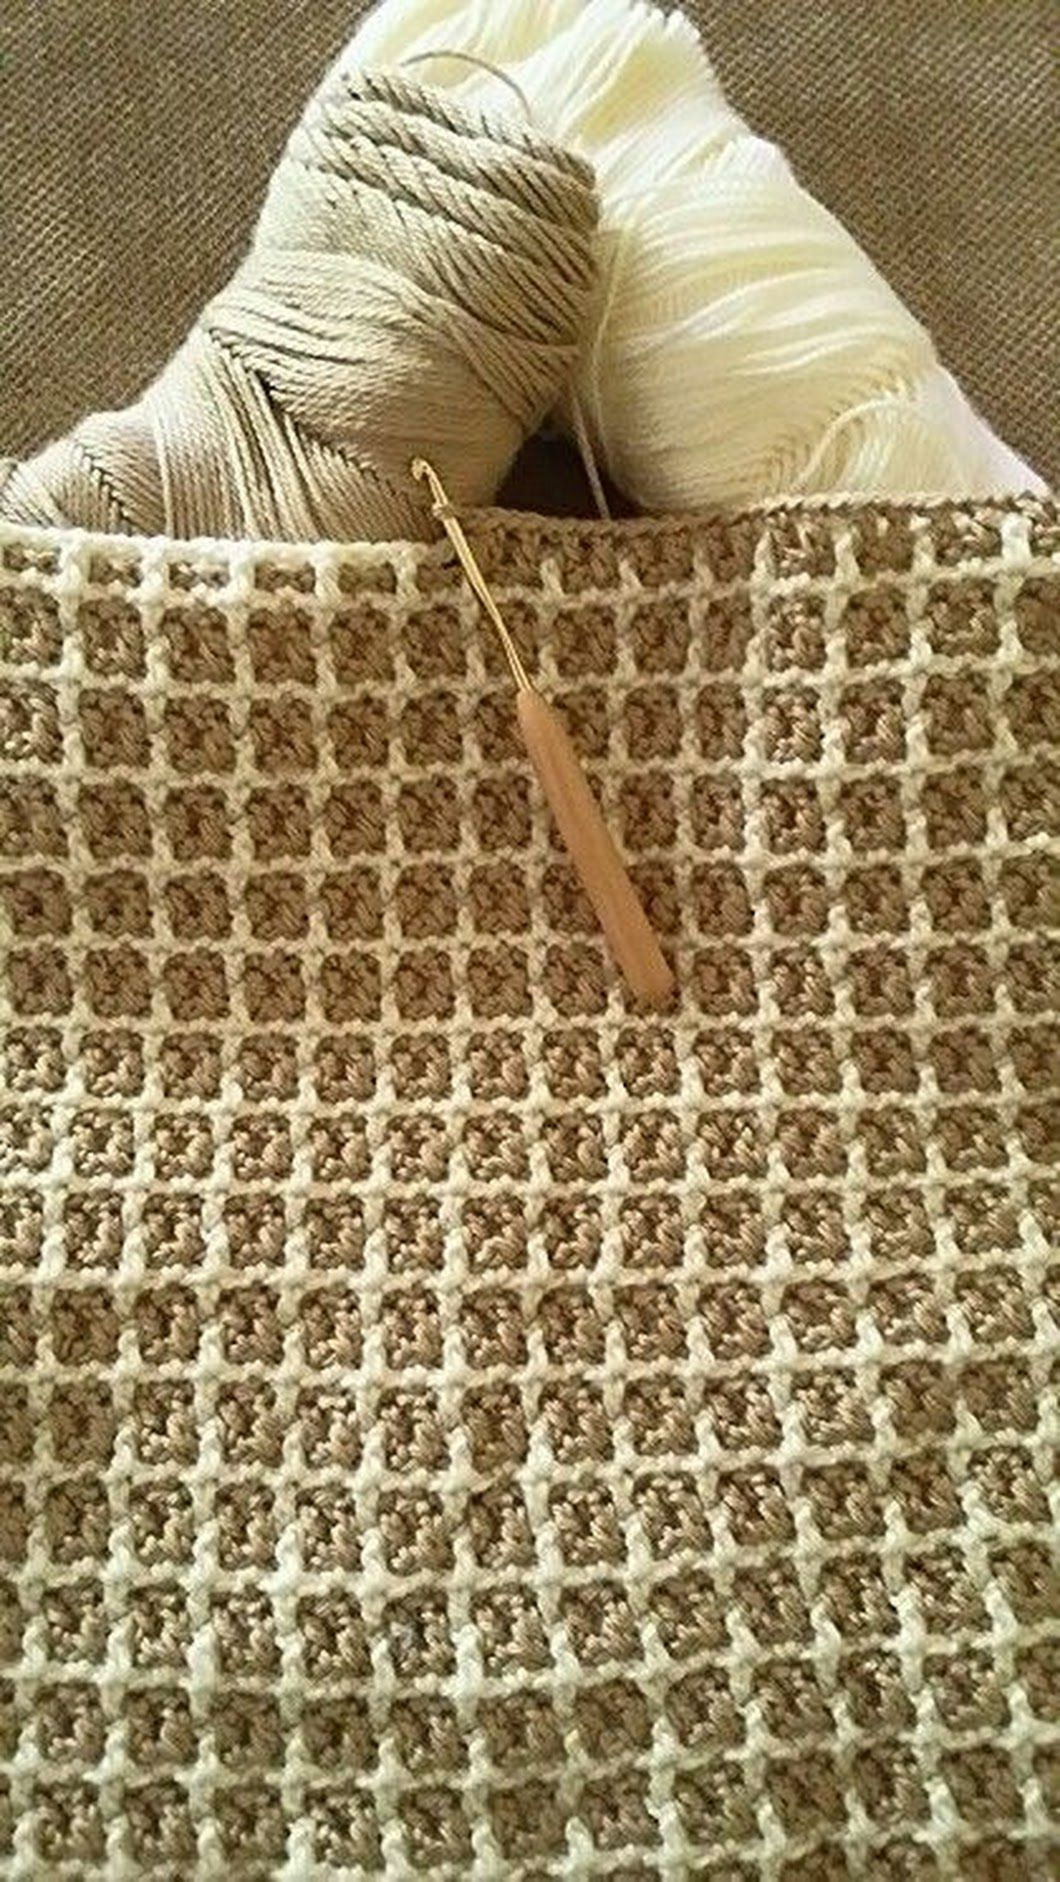 Pin von Susan Calderone auf Crochet | Pinterest | Klepper, Häckeln ...